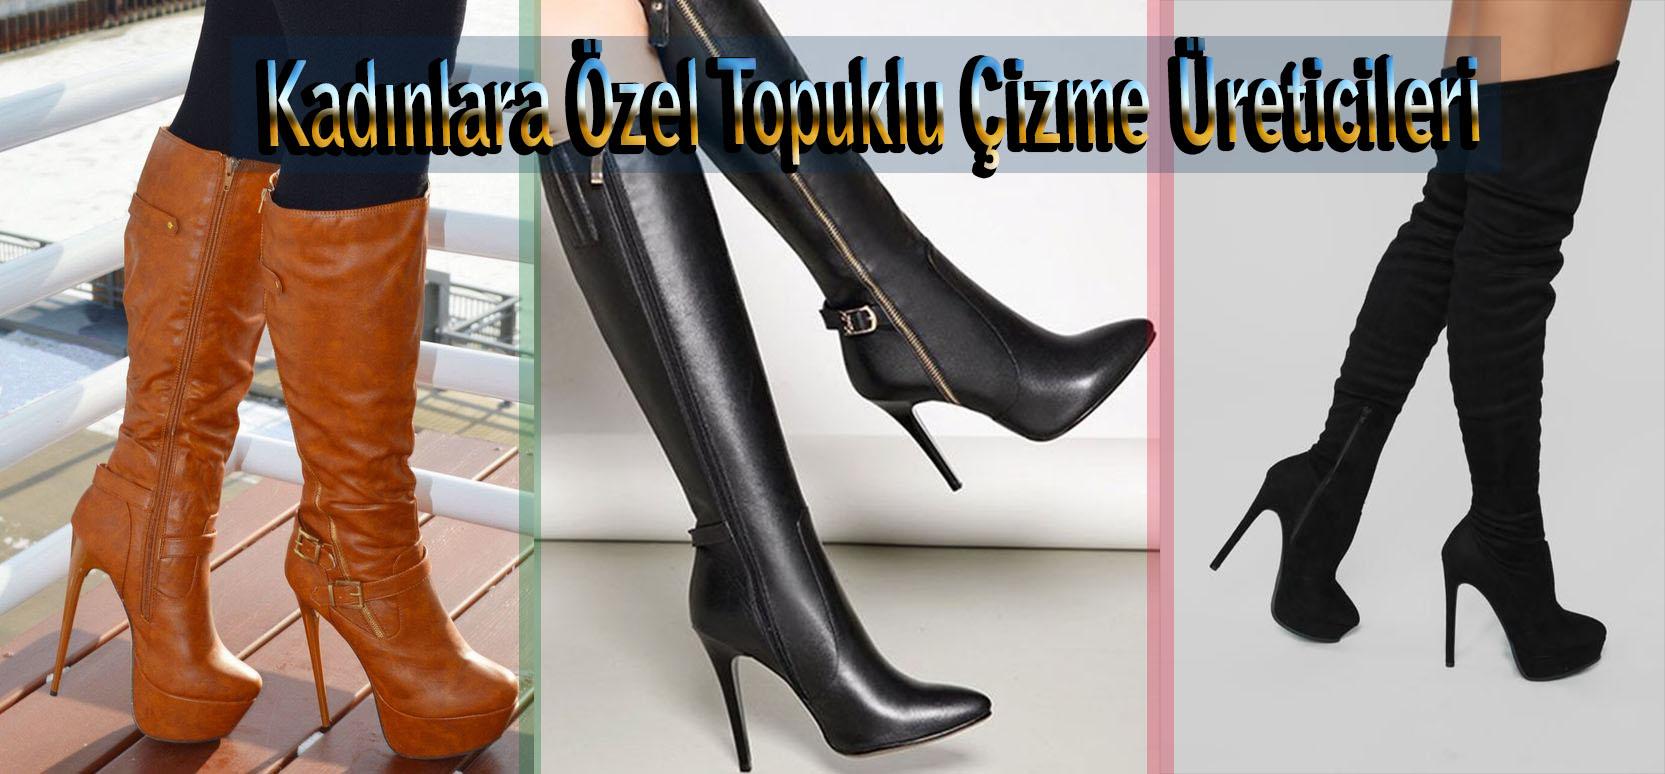 Kadınlara Özel Topuklu Çizme Üreticileri